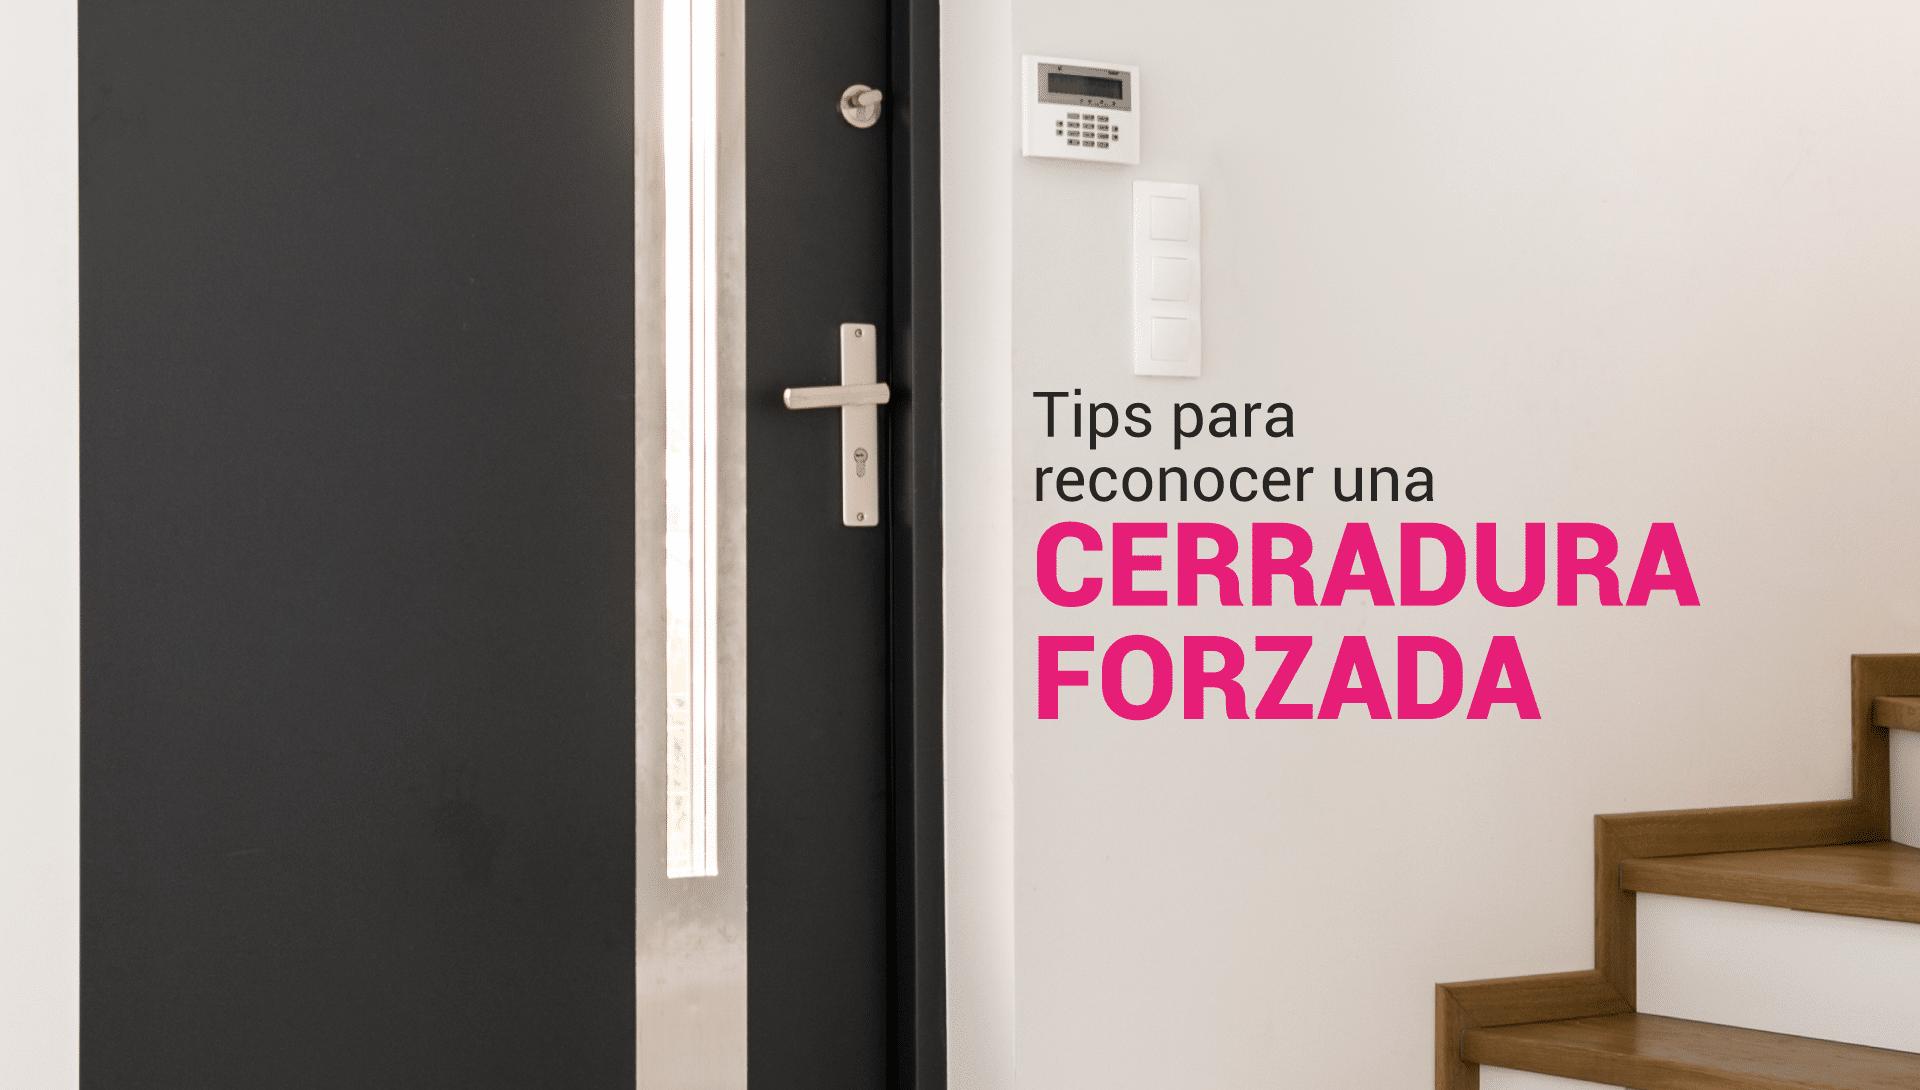 Tips para reconocer una cerradura forzada